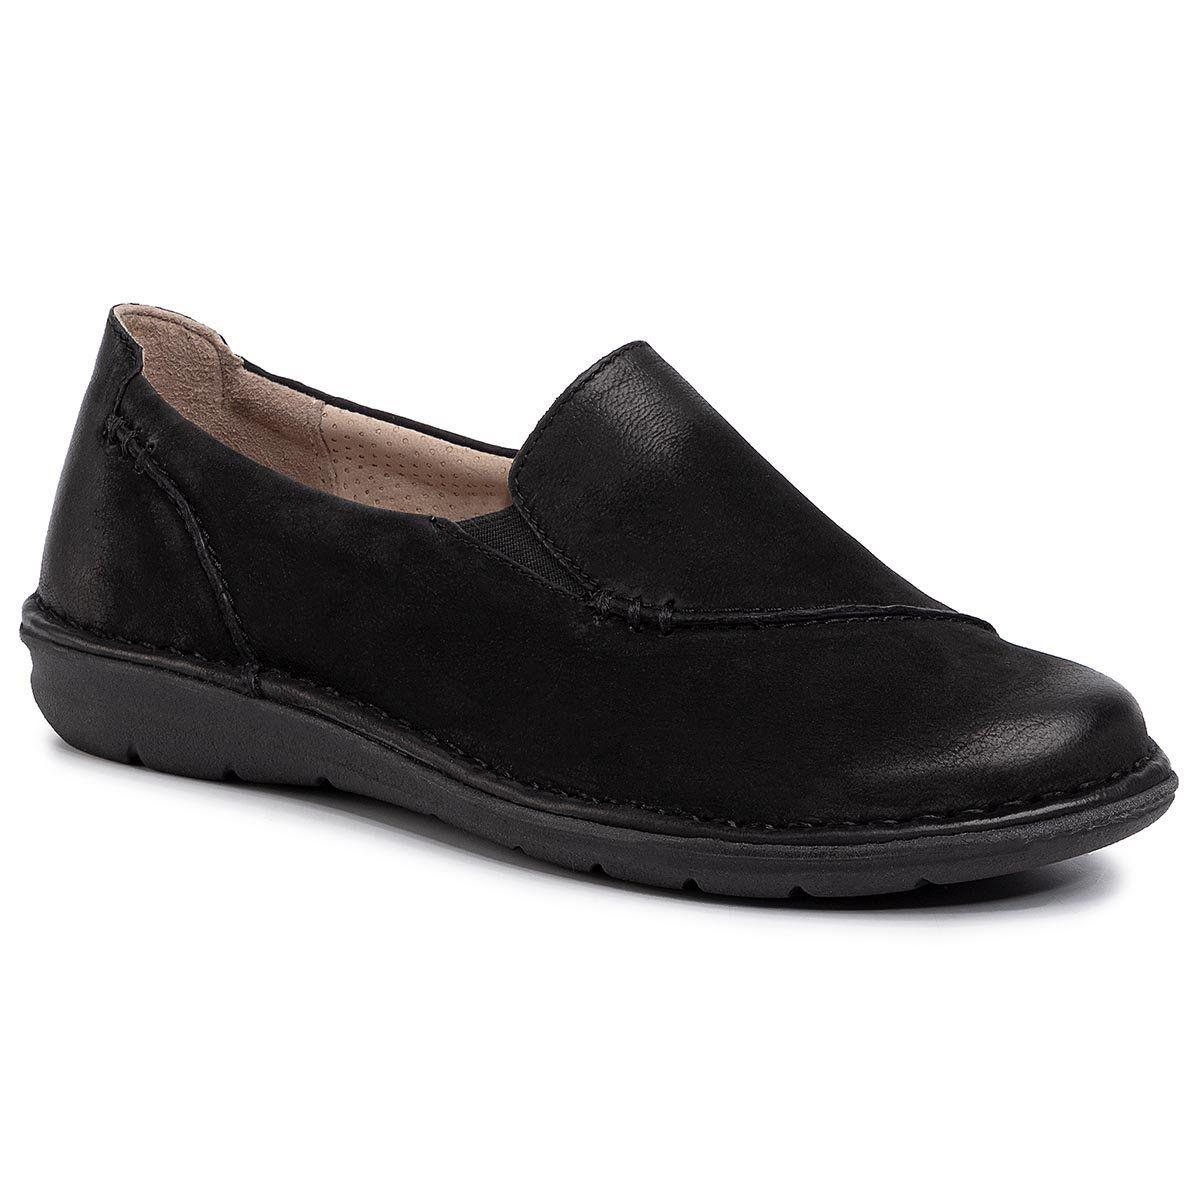 Wybierz Polbuty Go Soft Epoka 08 Czarny I Zaskakuj Stylem Przekonaj Sie Ze Moda I Wygoda Ida W Parze Gwarancja Atra Dress Shoes Men Loafers Men Oxford Shoes